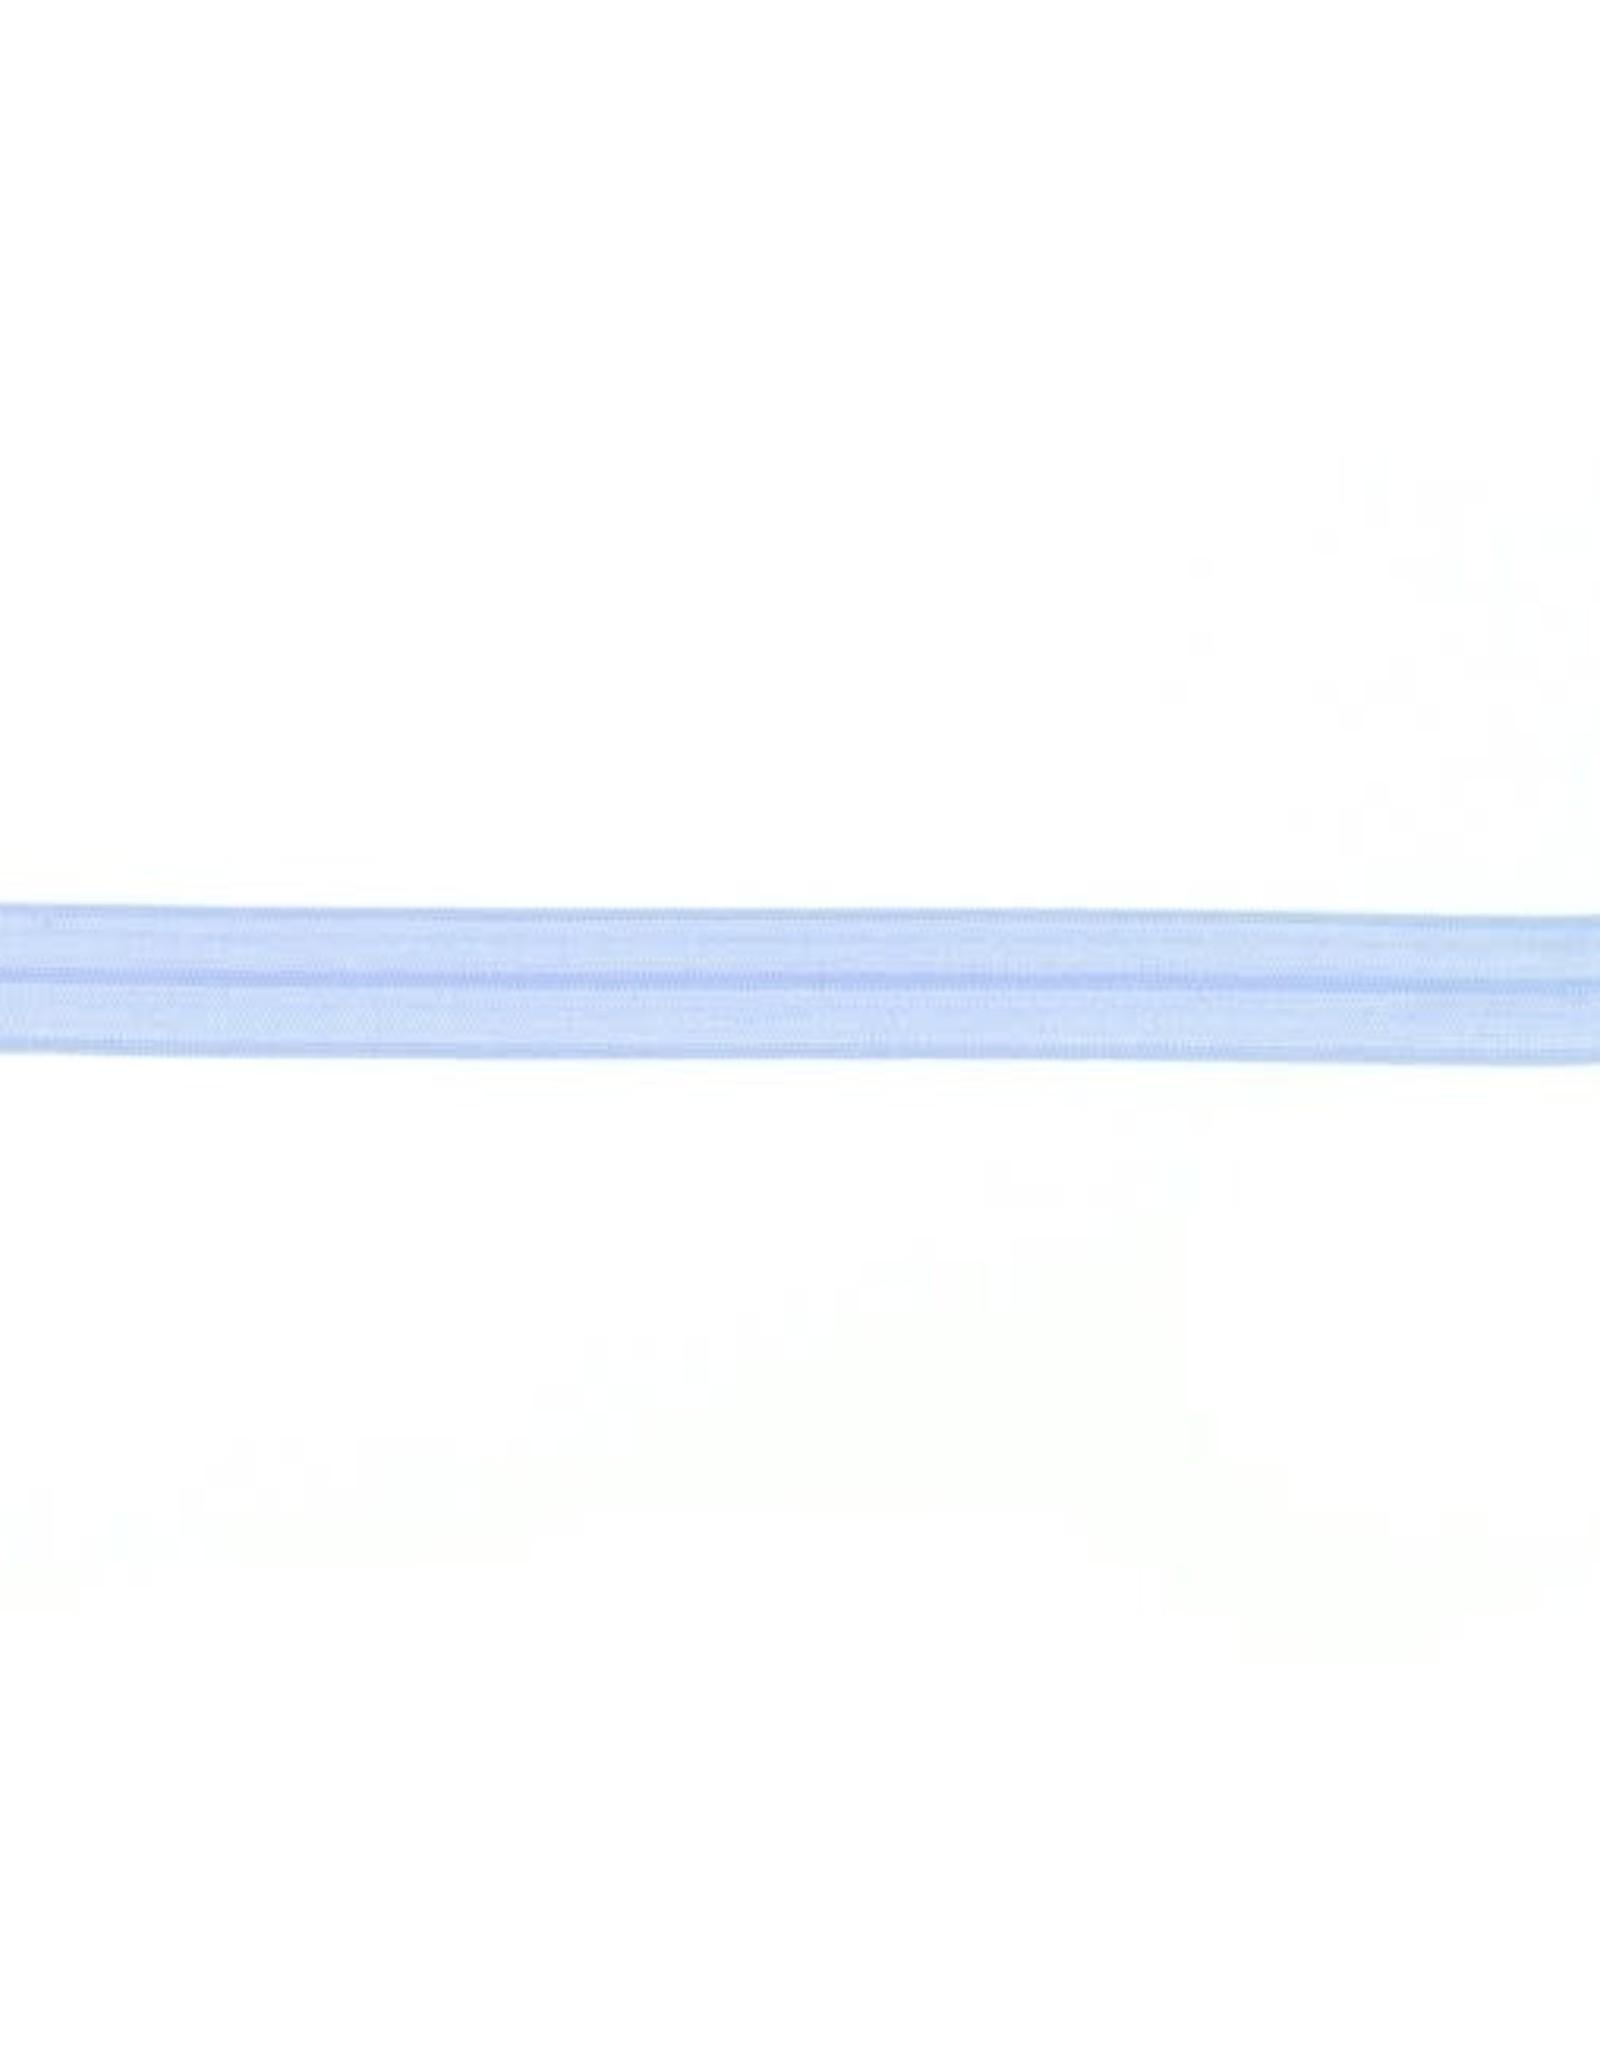 Vouwtres - Lichtblauw